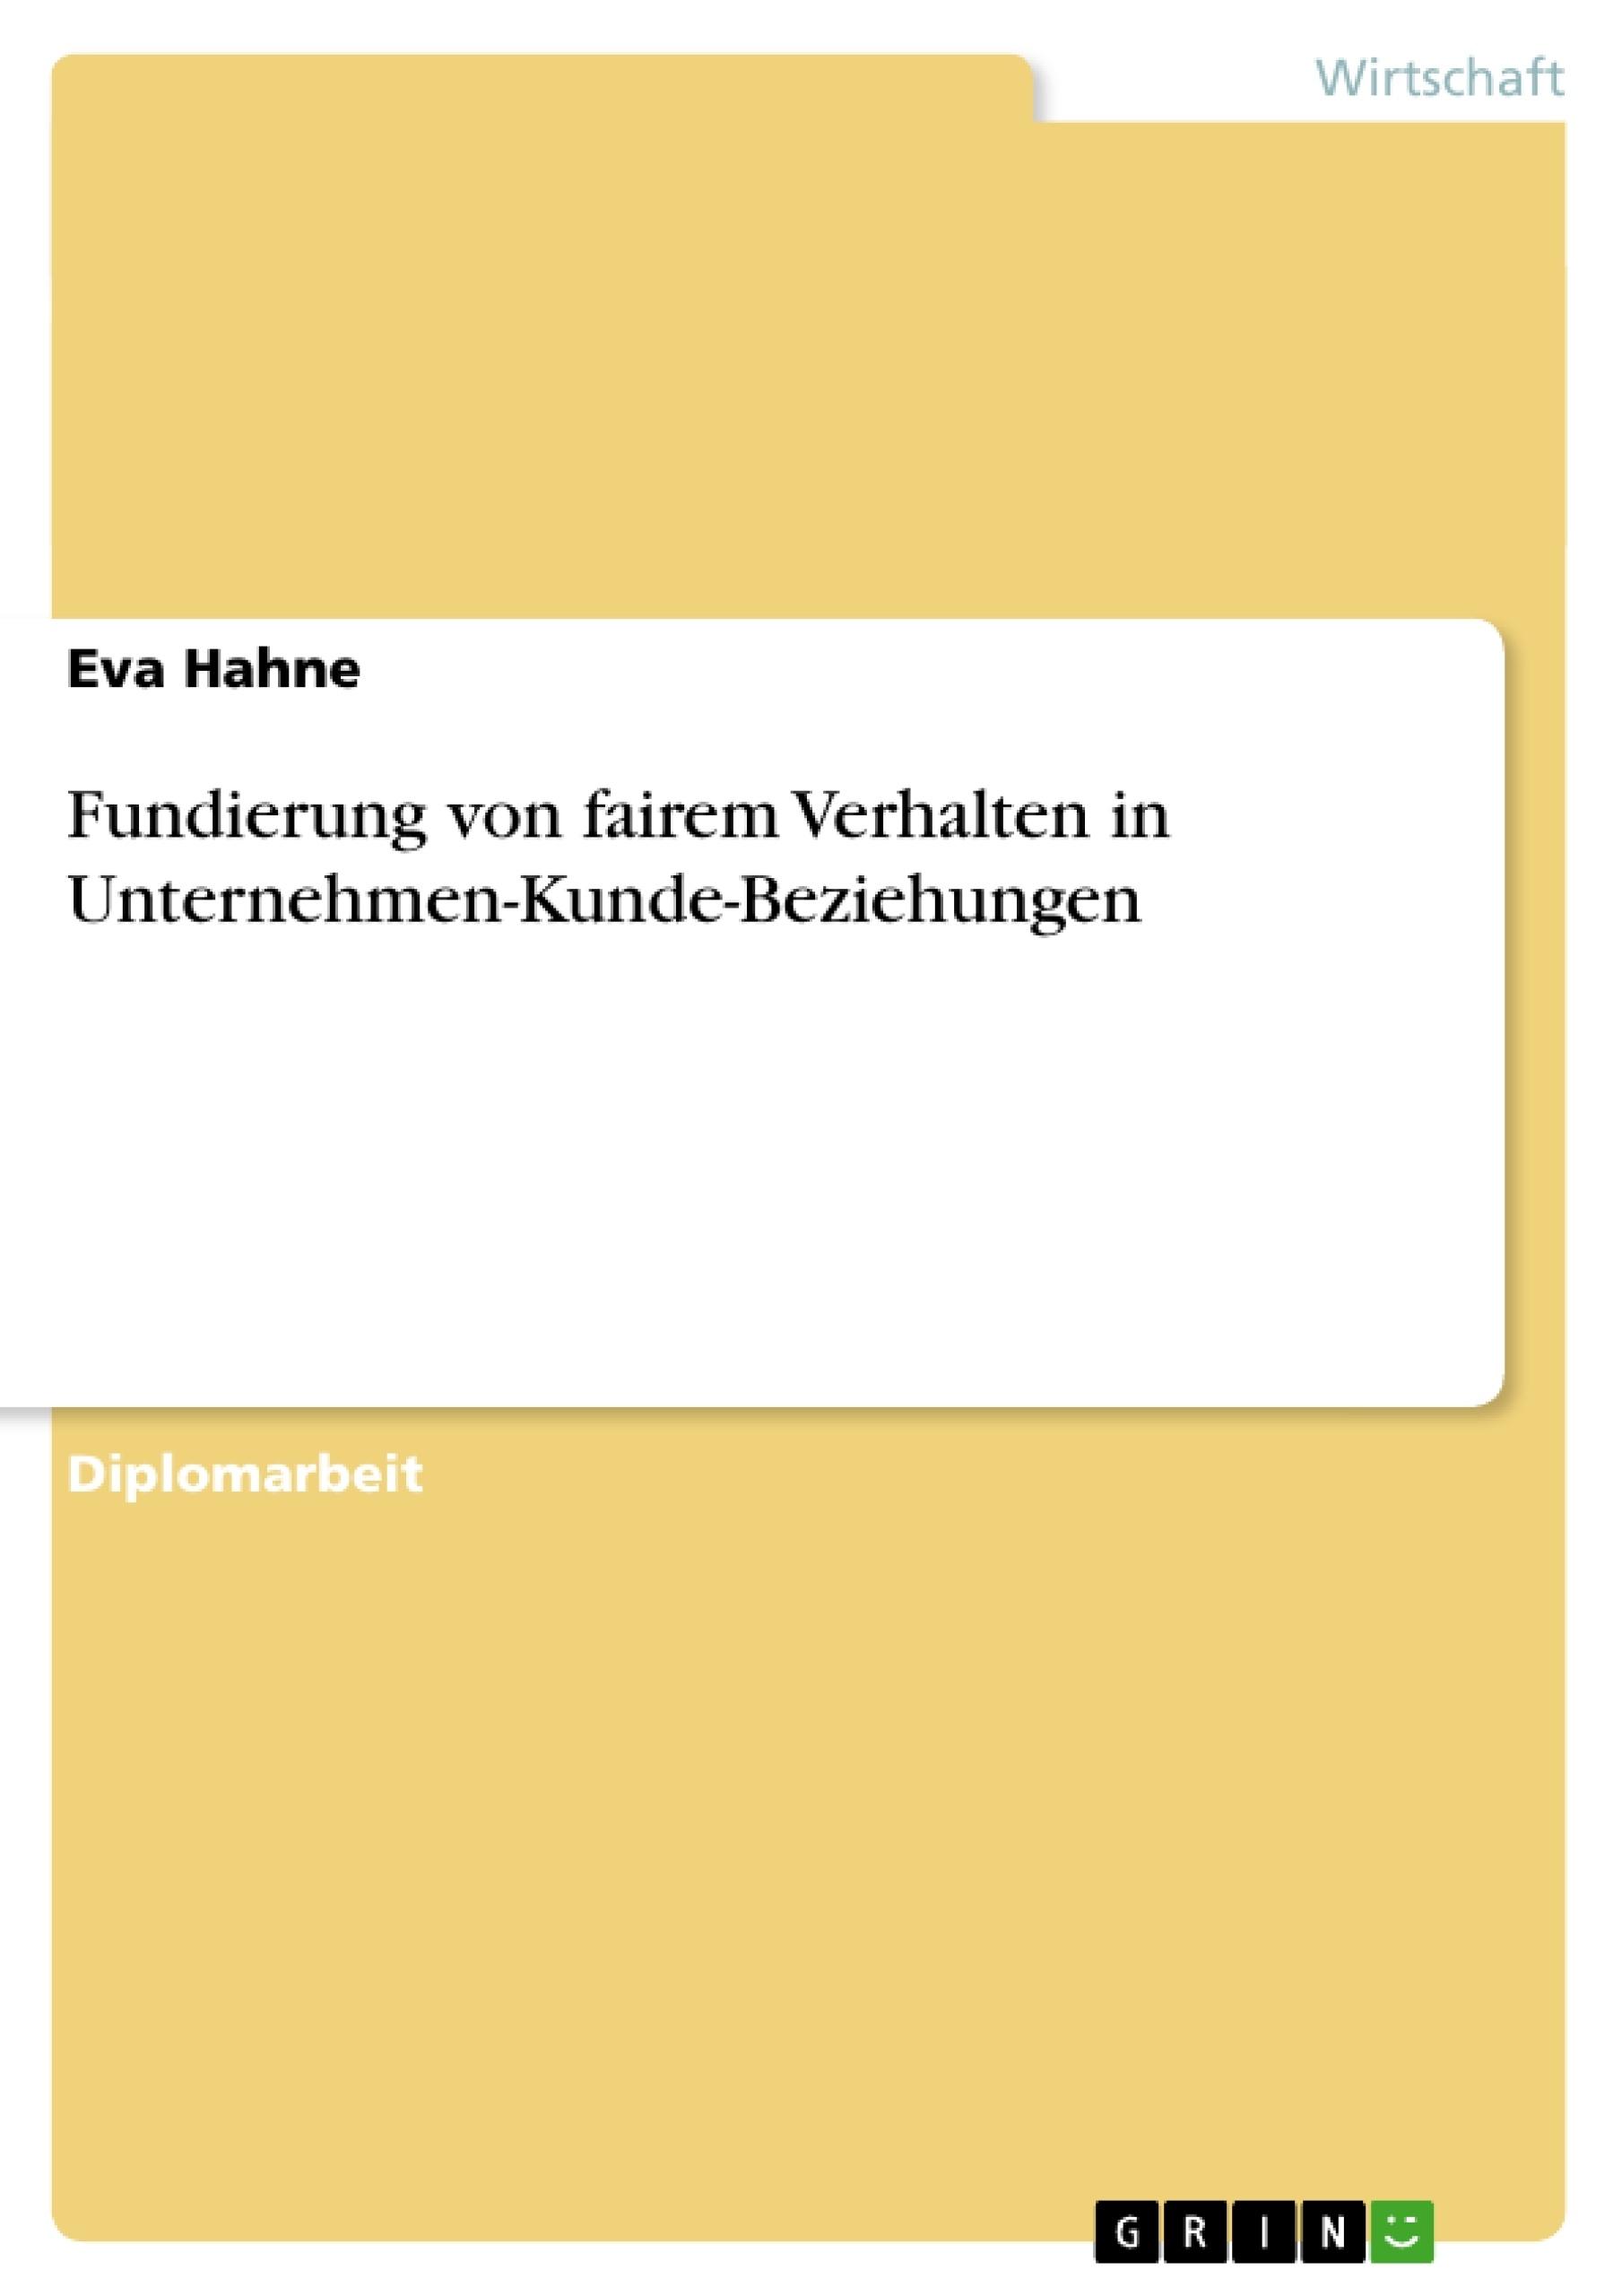 Titel: Fundierung von fairem Verhalten in Unternehmen-Kunde-Beziehungen